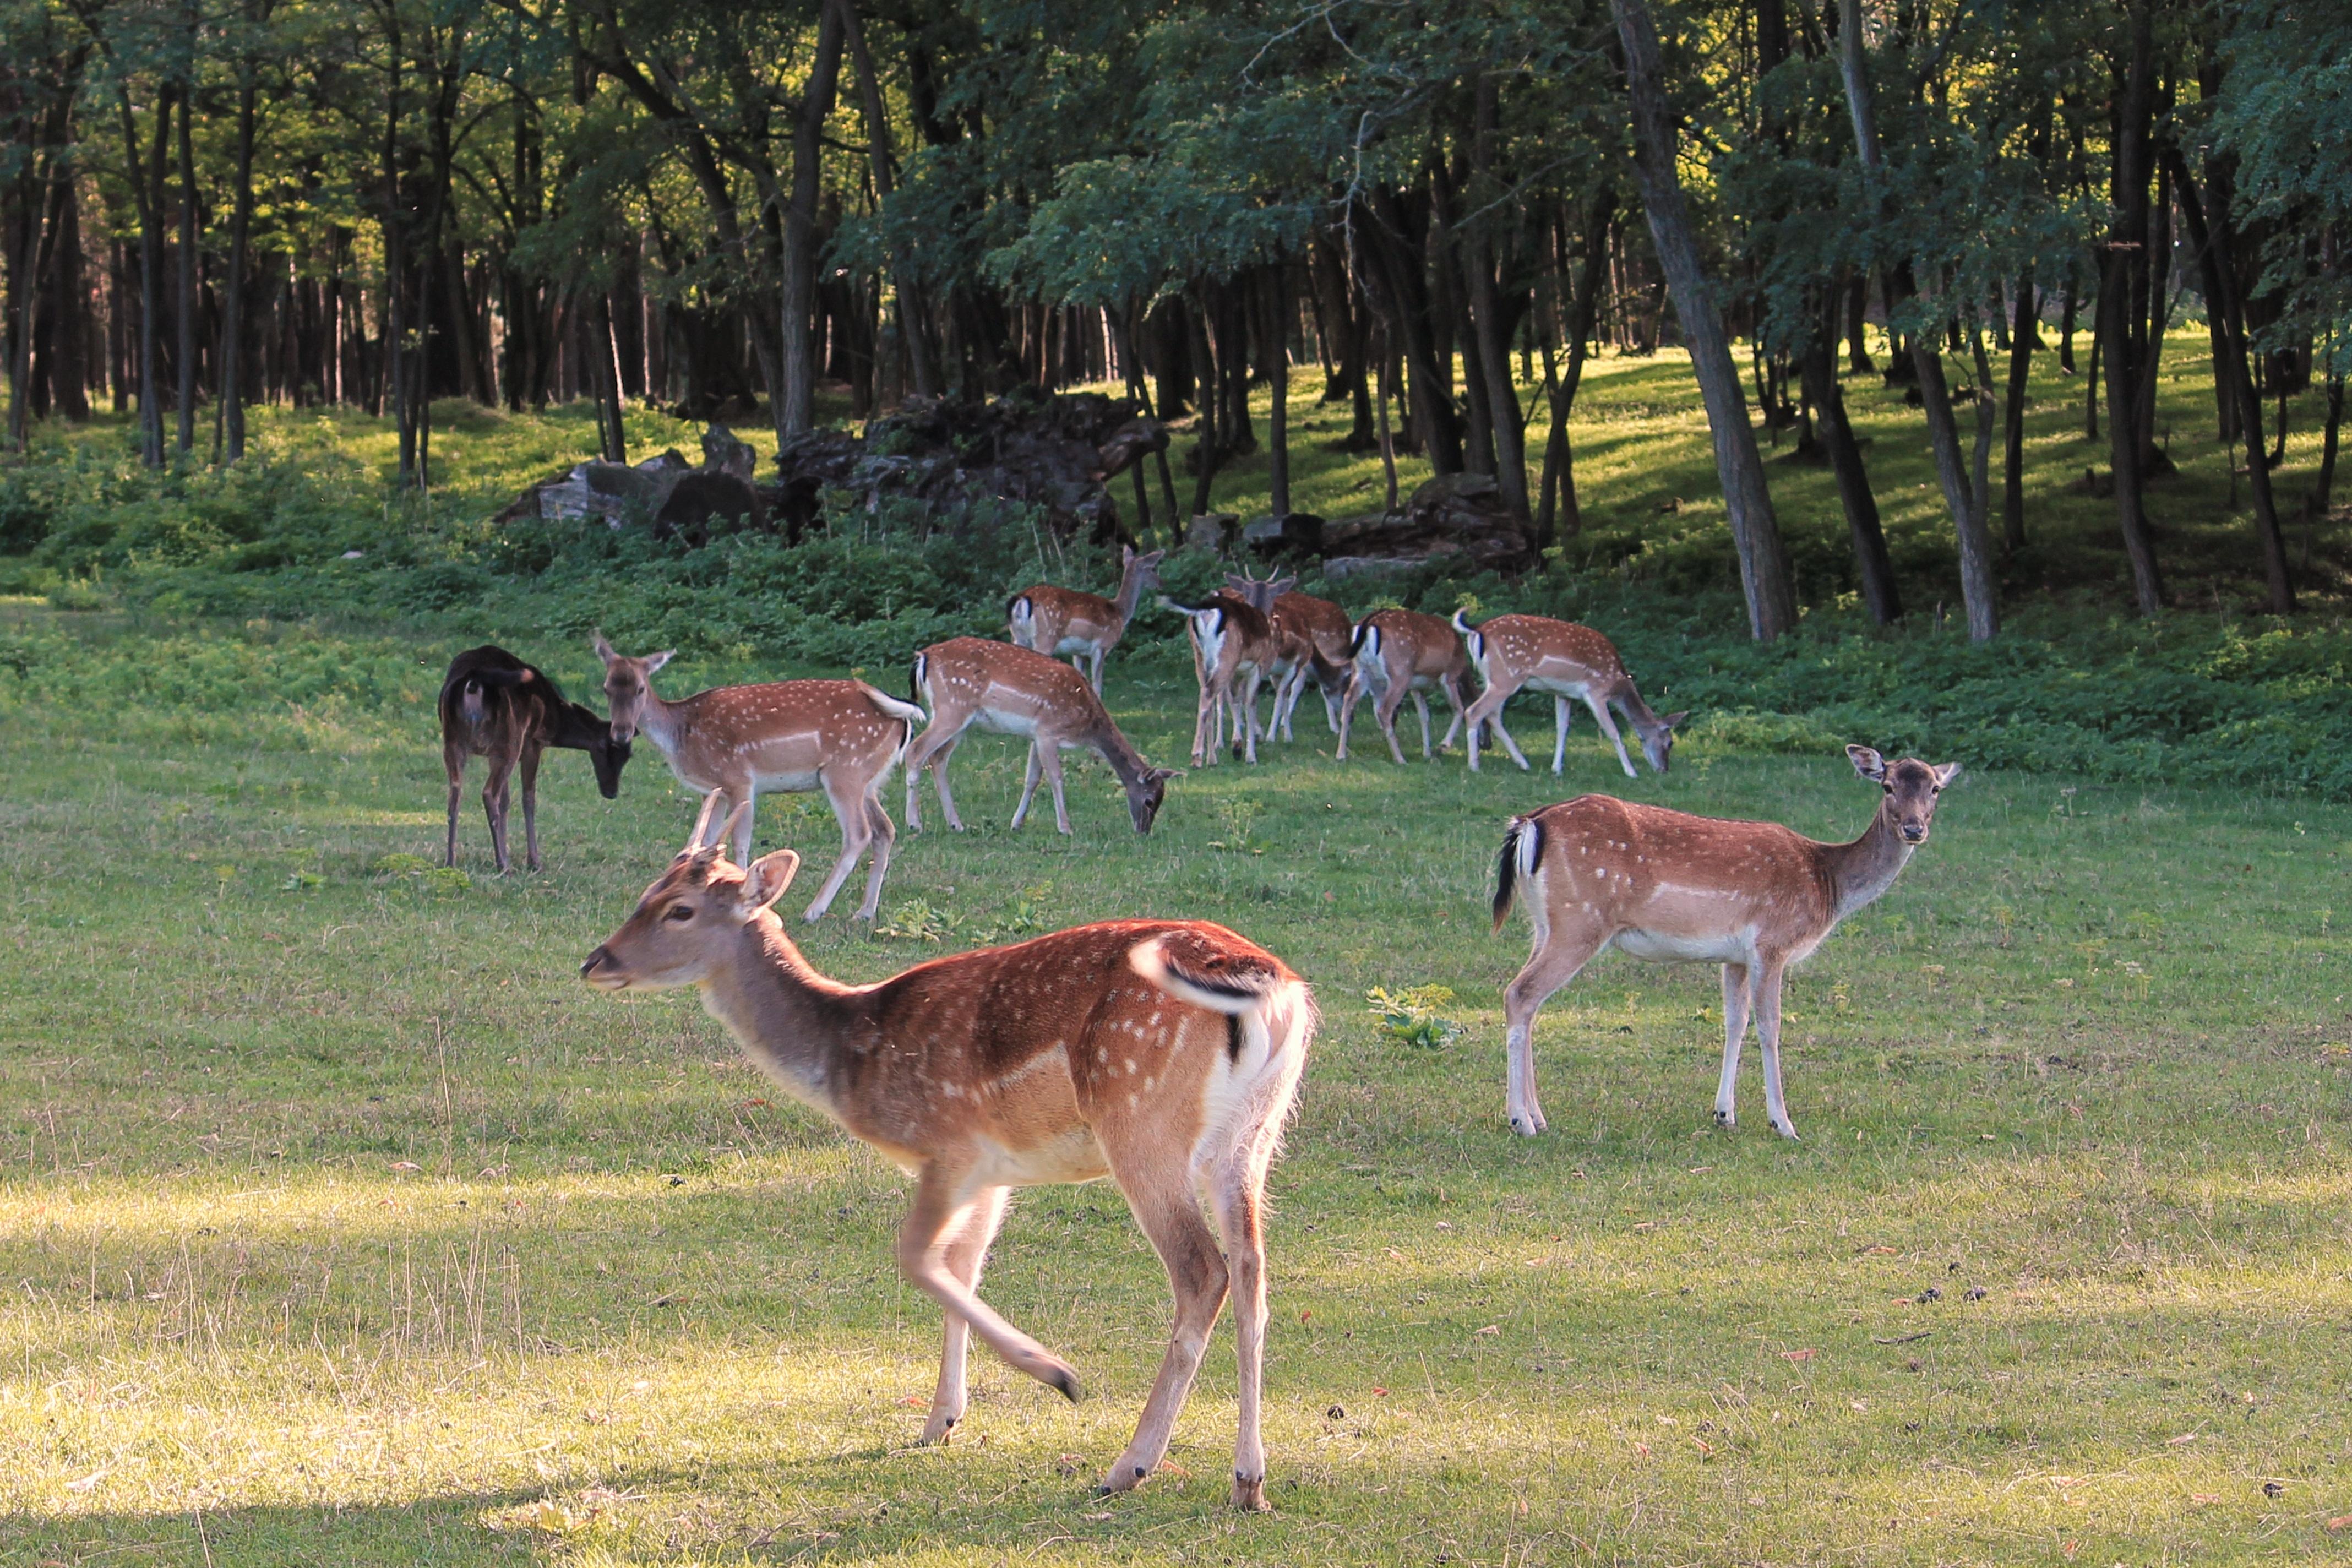 51 Gambar Pemandangan Hutan Dan Hewan Gratis Terbaik